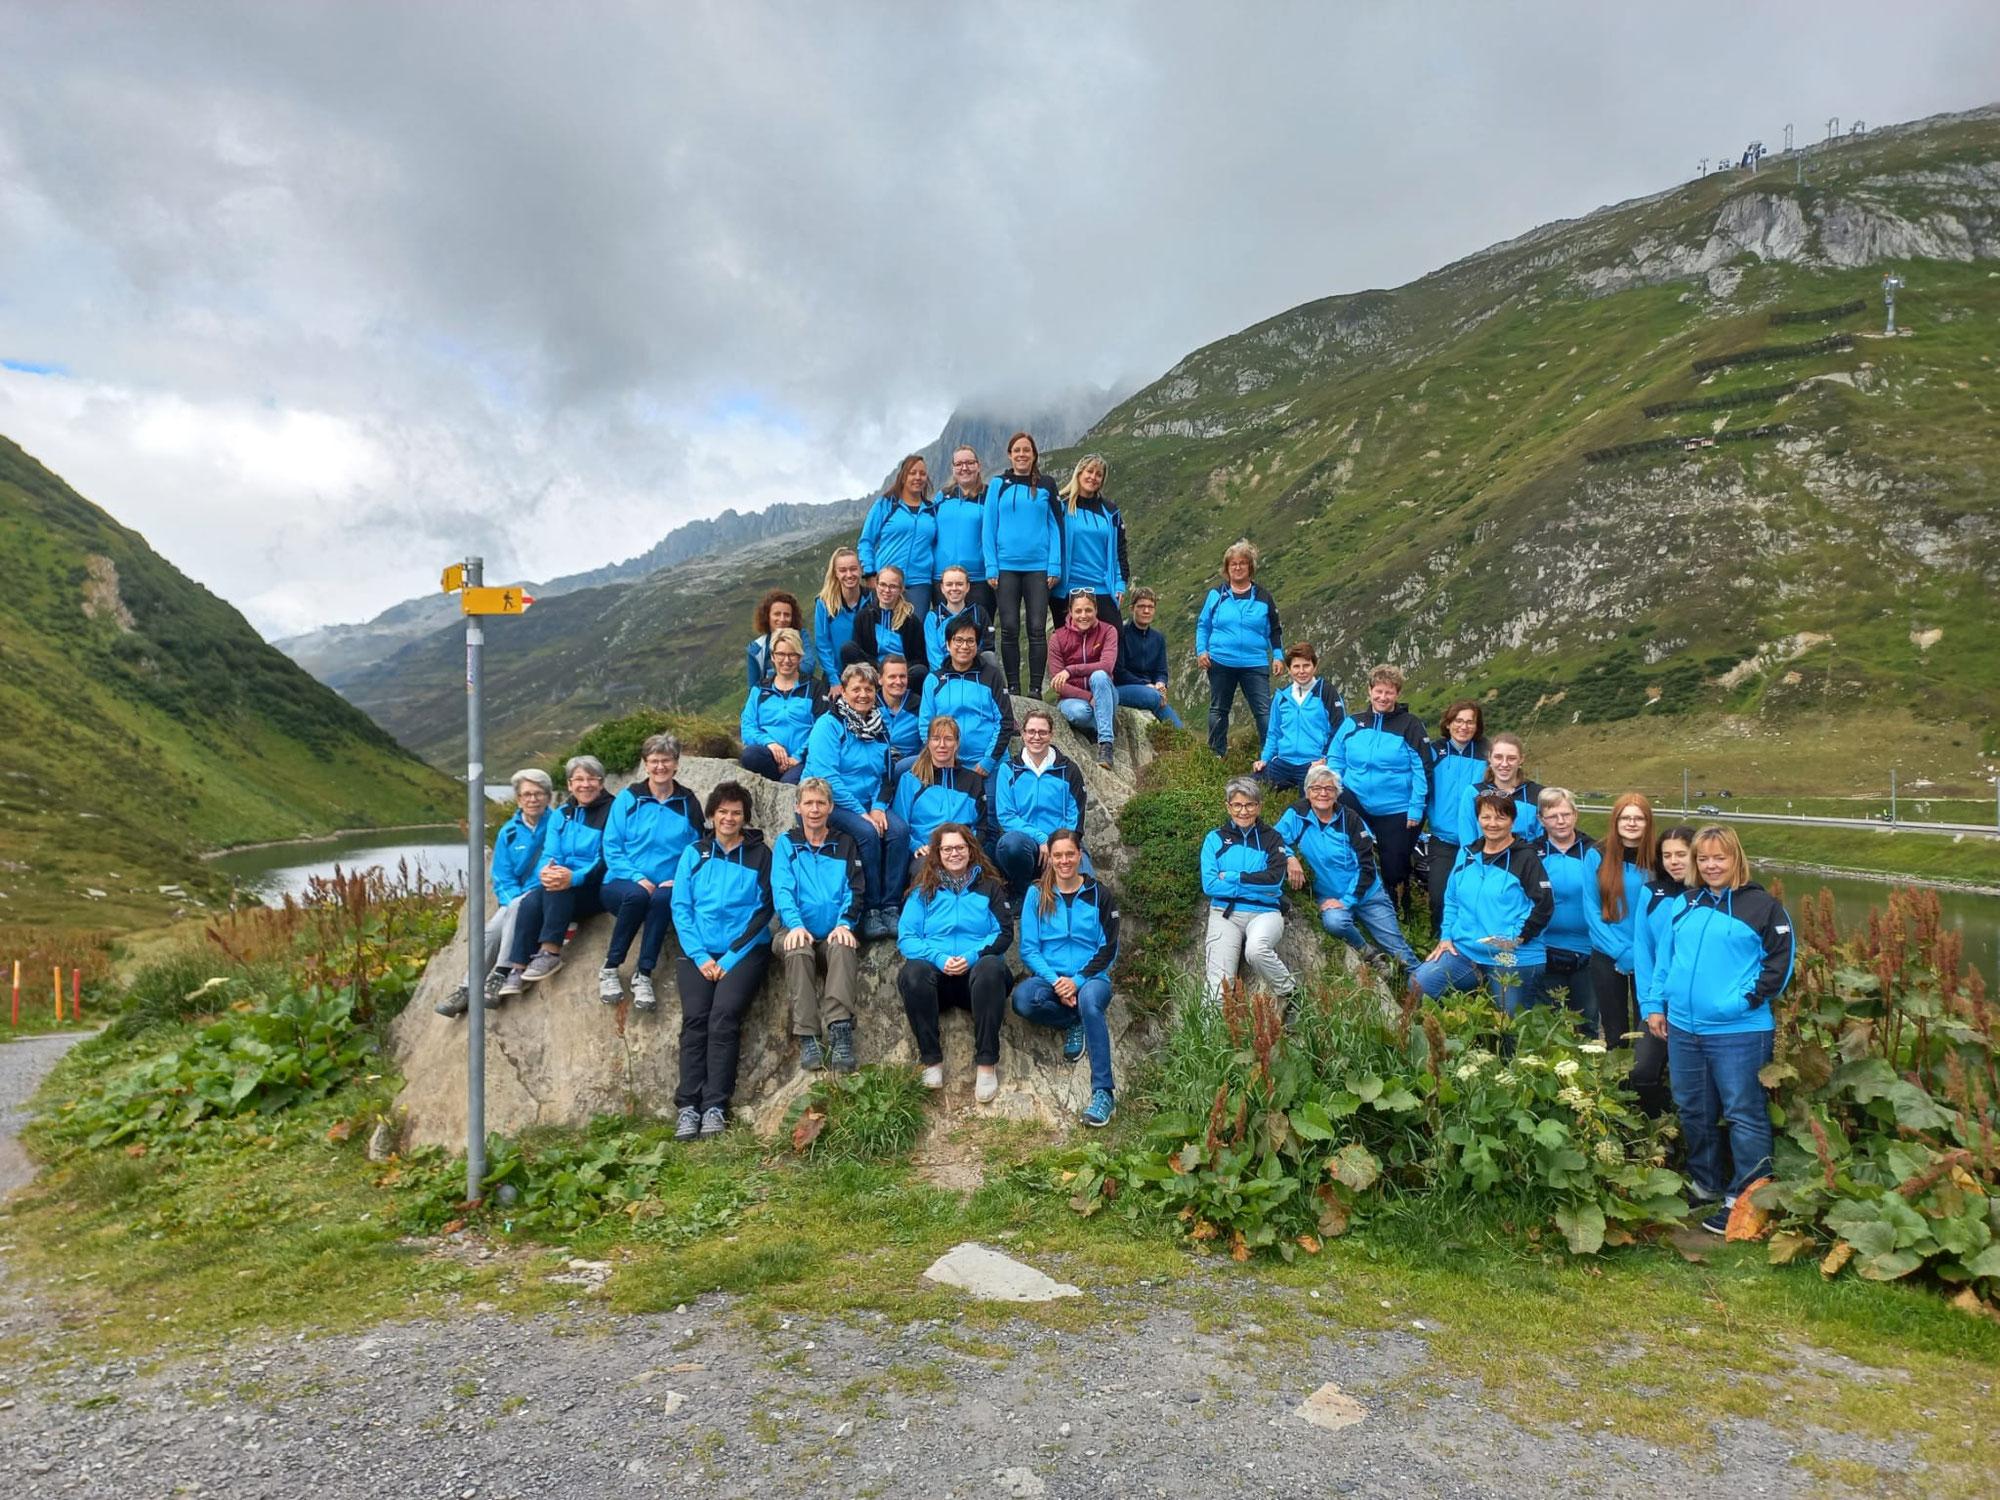 2-tägige Turnerinnen-Reise ins schöne Bündnerland